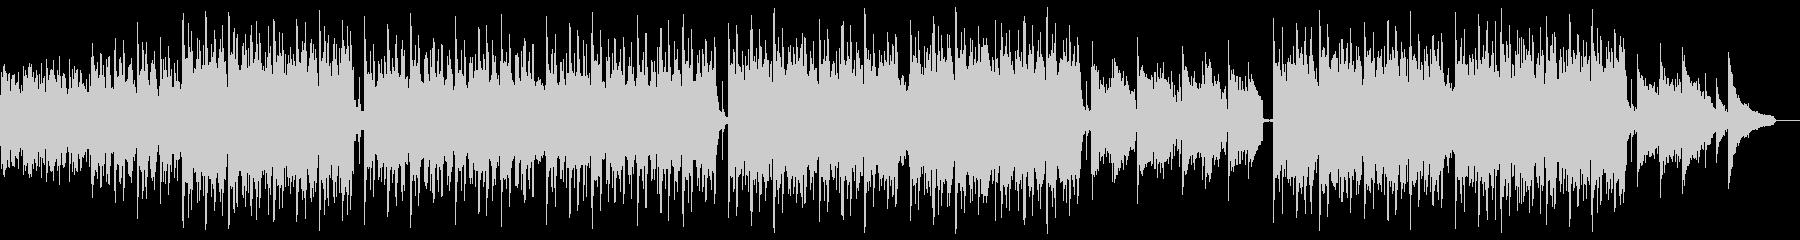 明るいピアノバイオリンポップ:メロディ抜の未再生の波形